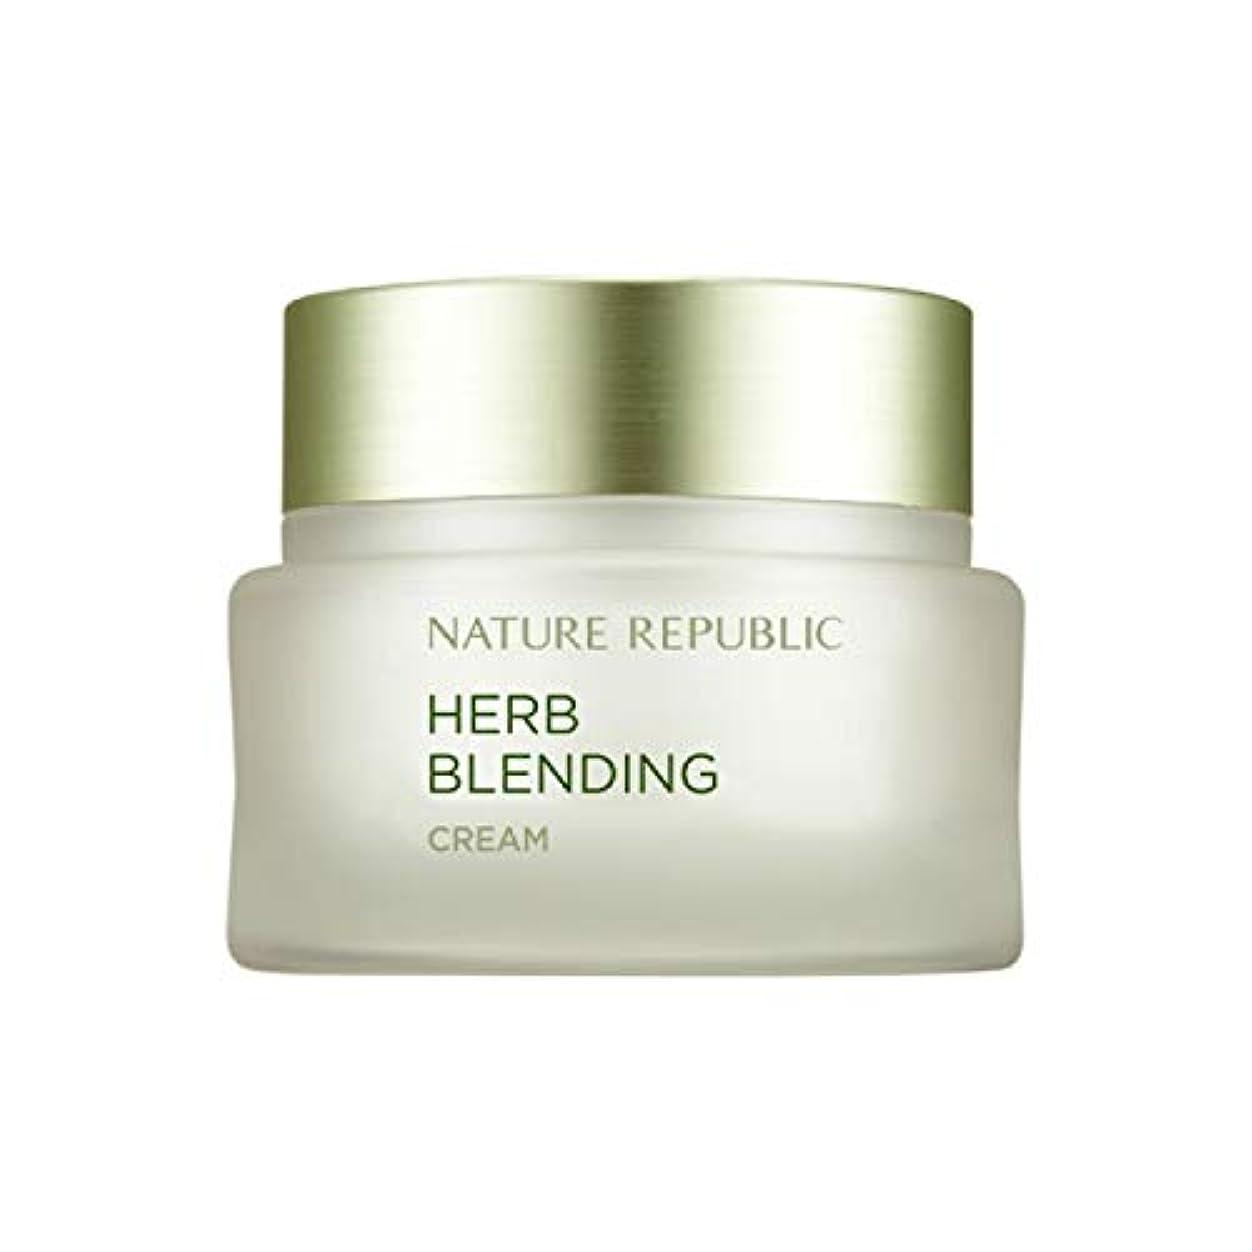 ちなみに中絶毛布ネイチャーリパブリック(Nature Republic)ハブブレンドクリーム 50ml / Herb Blending Cream 50ml :: 韓国コスメ [並行輸入品]